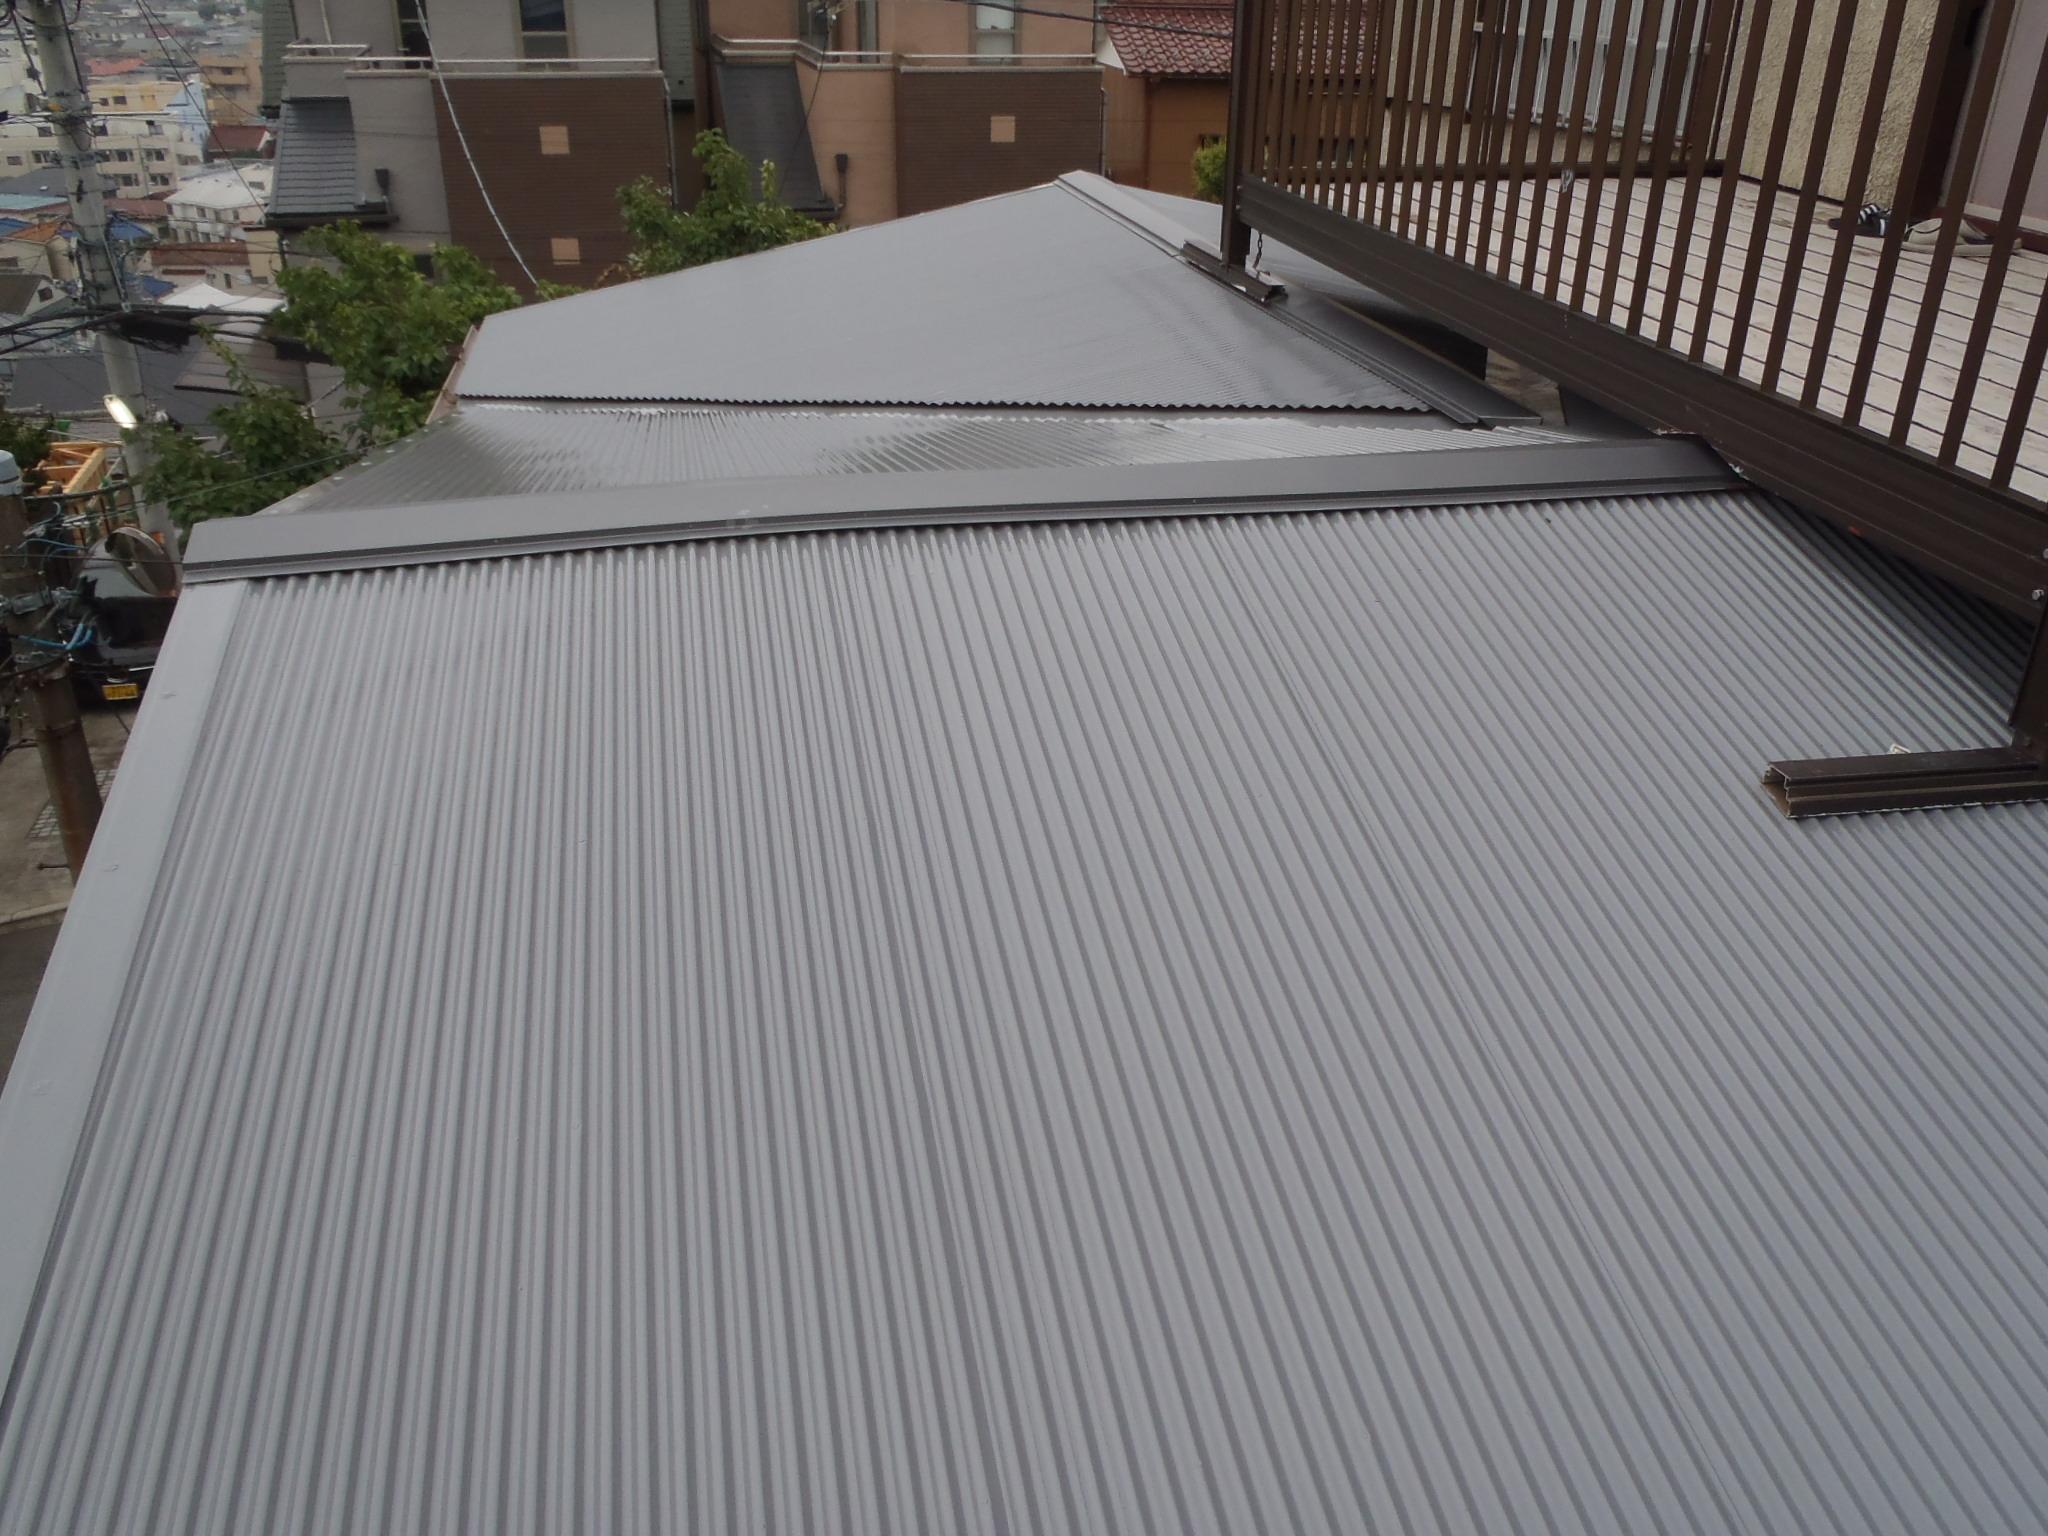 横浜,リフォーム,屋根, totann